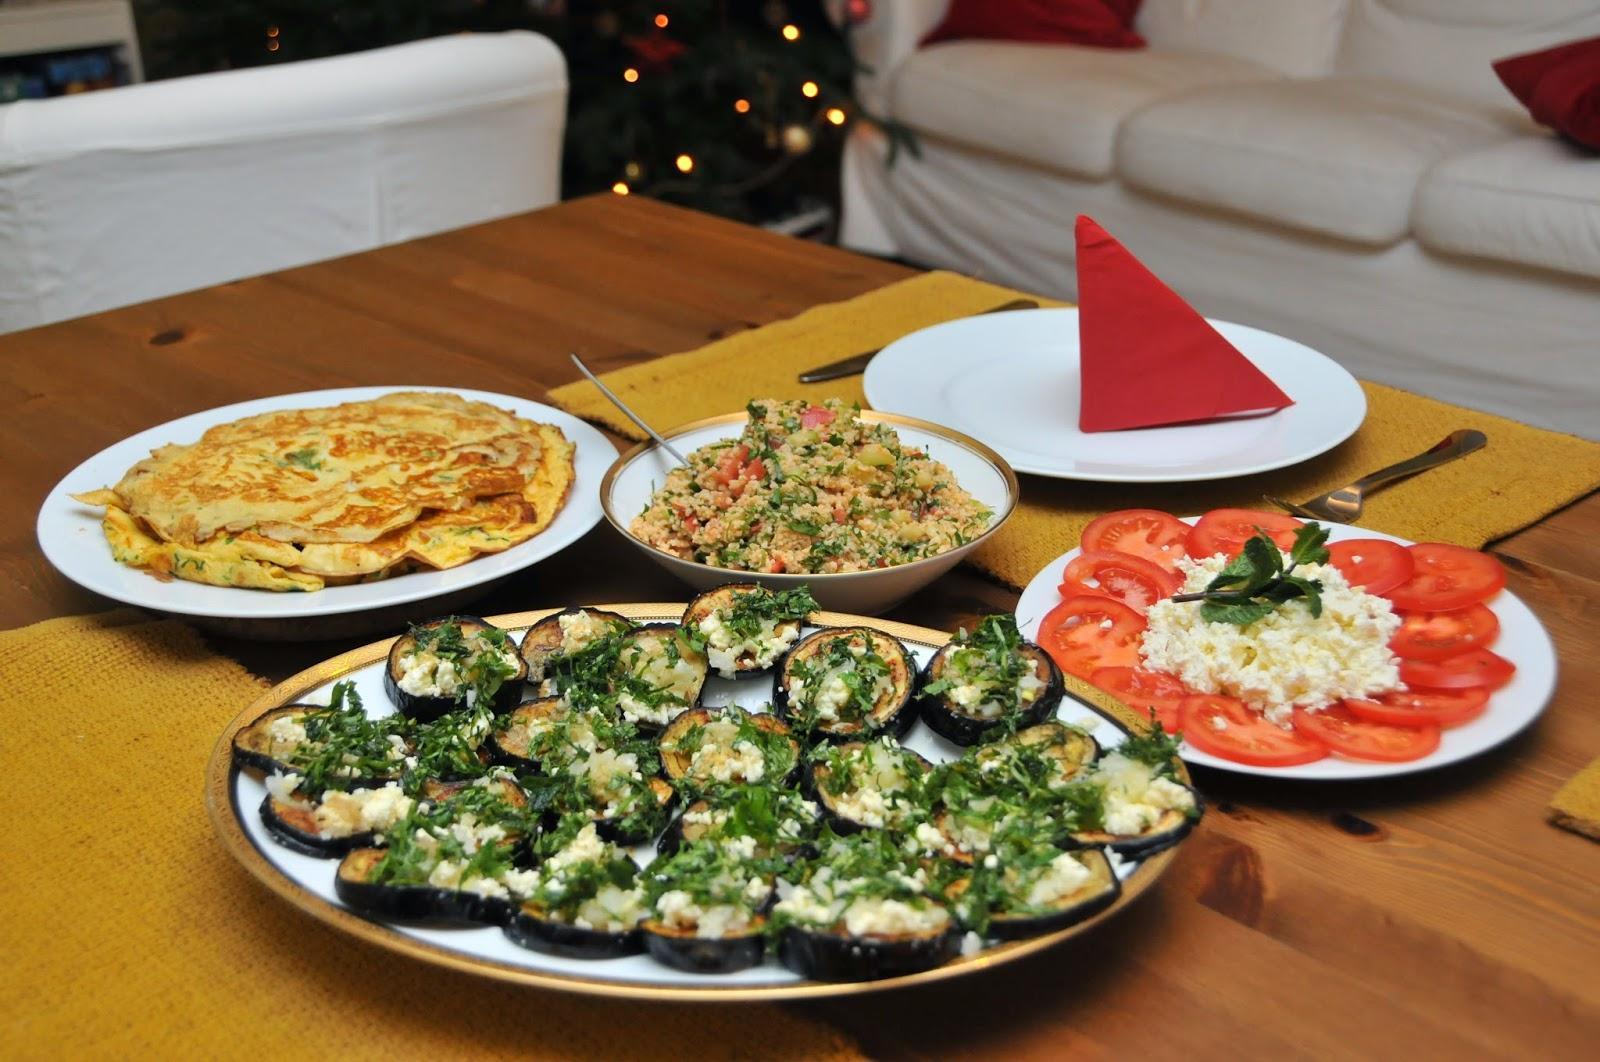 vinita 39 s family blog vegetarian meals in half an hour. Black Bedroom Furniture Sets. Home Design Ideas